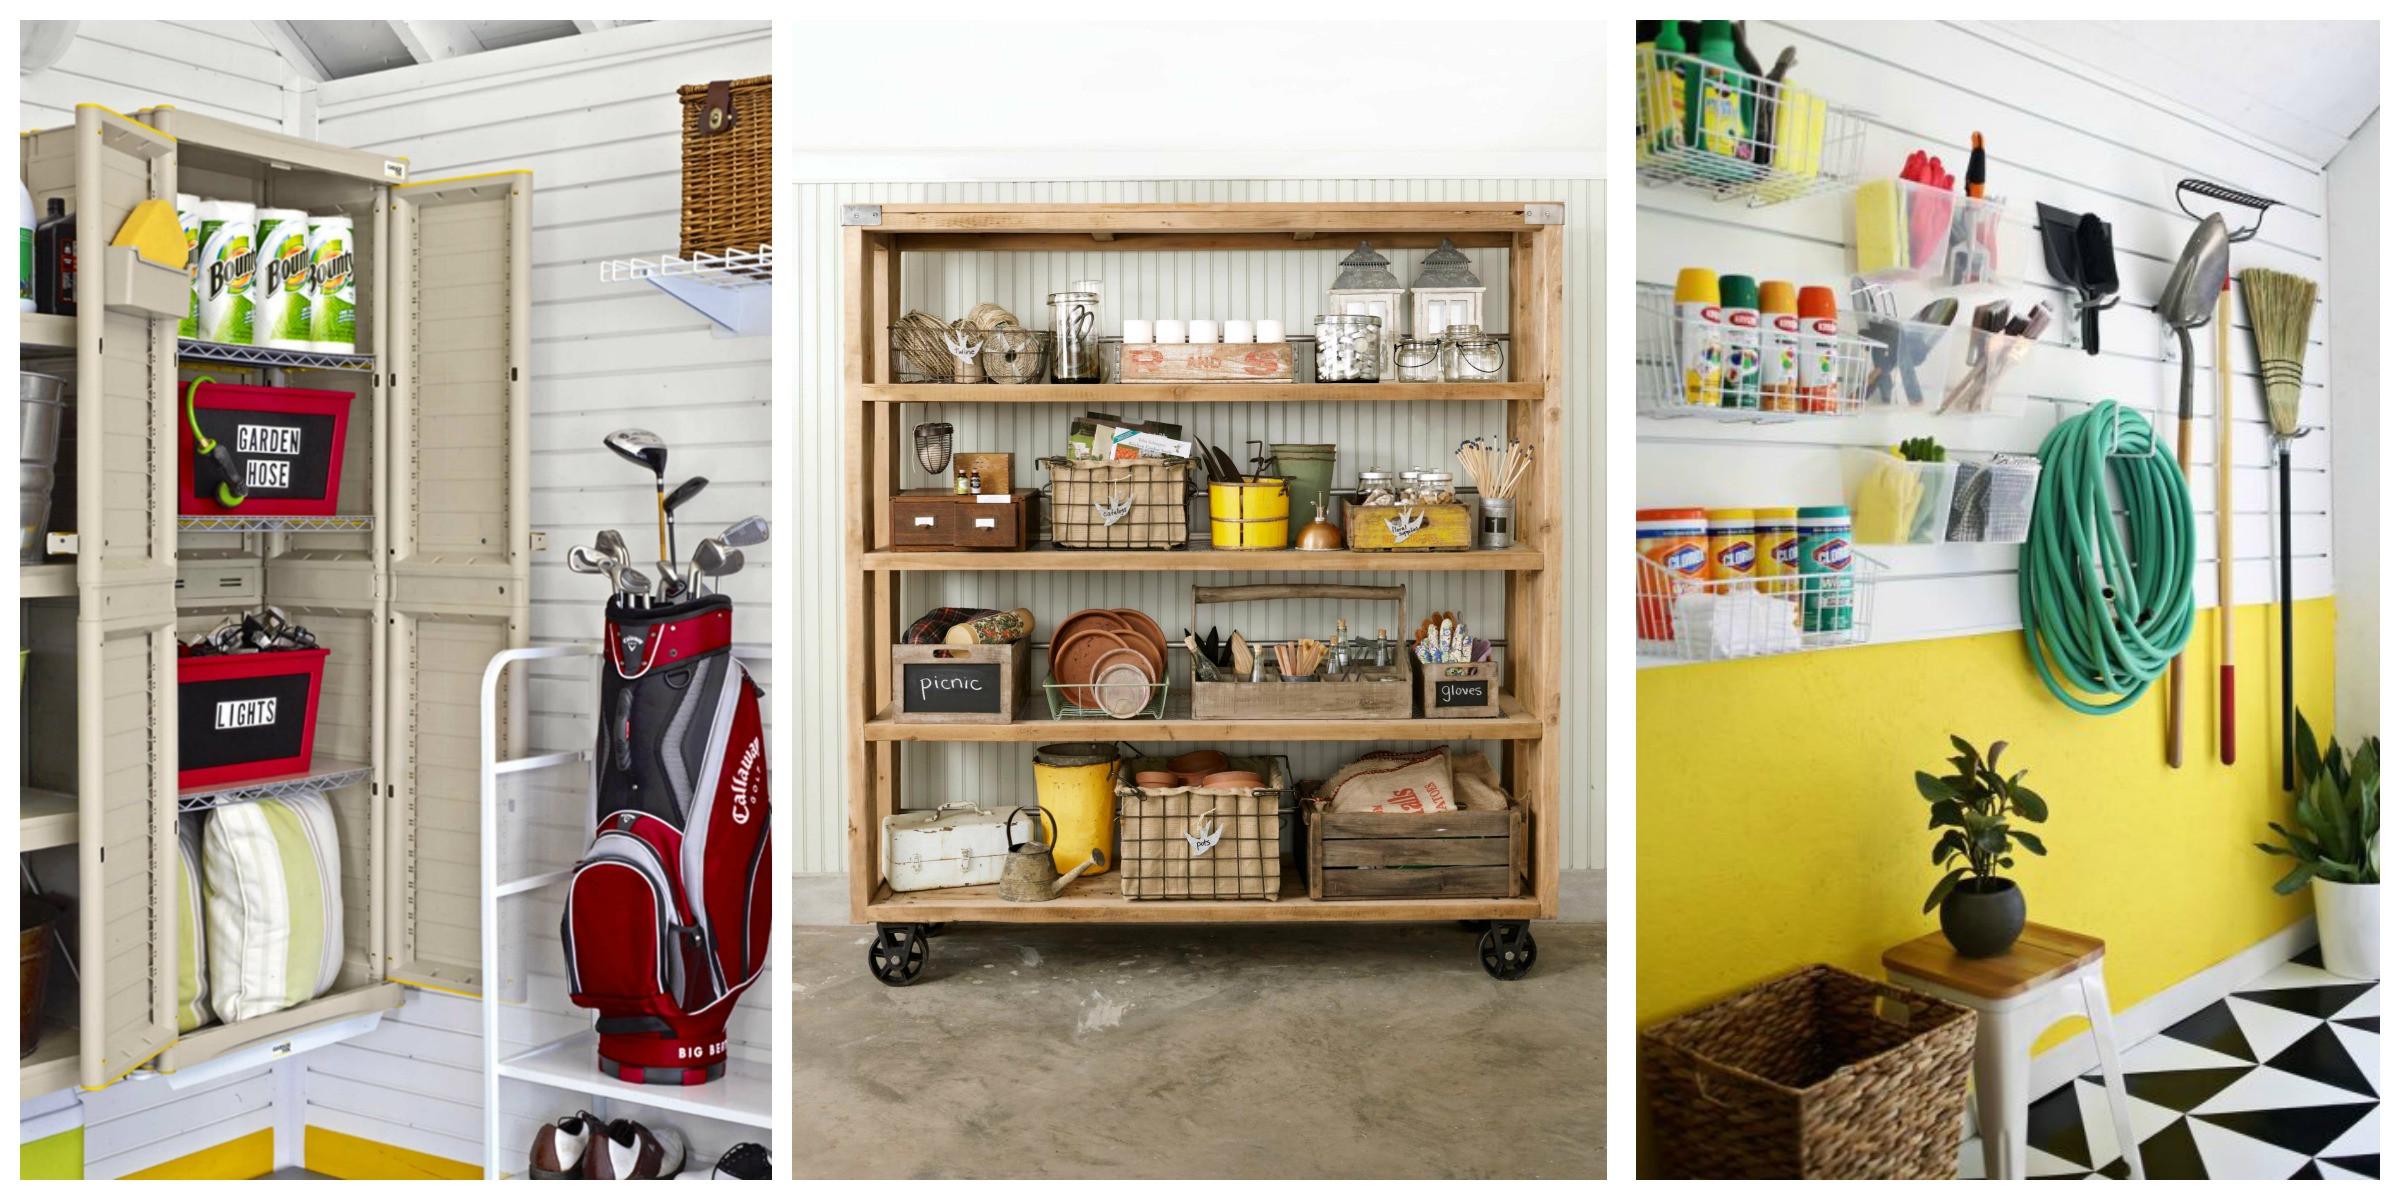 Garage Organization Ideas  14 of the Best Garage Organization Ideas on Pinterest